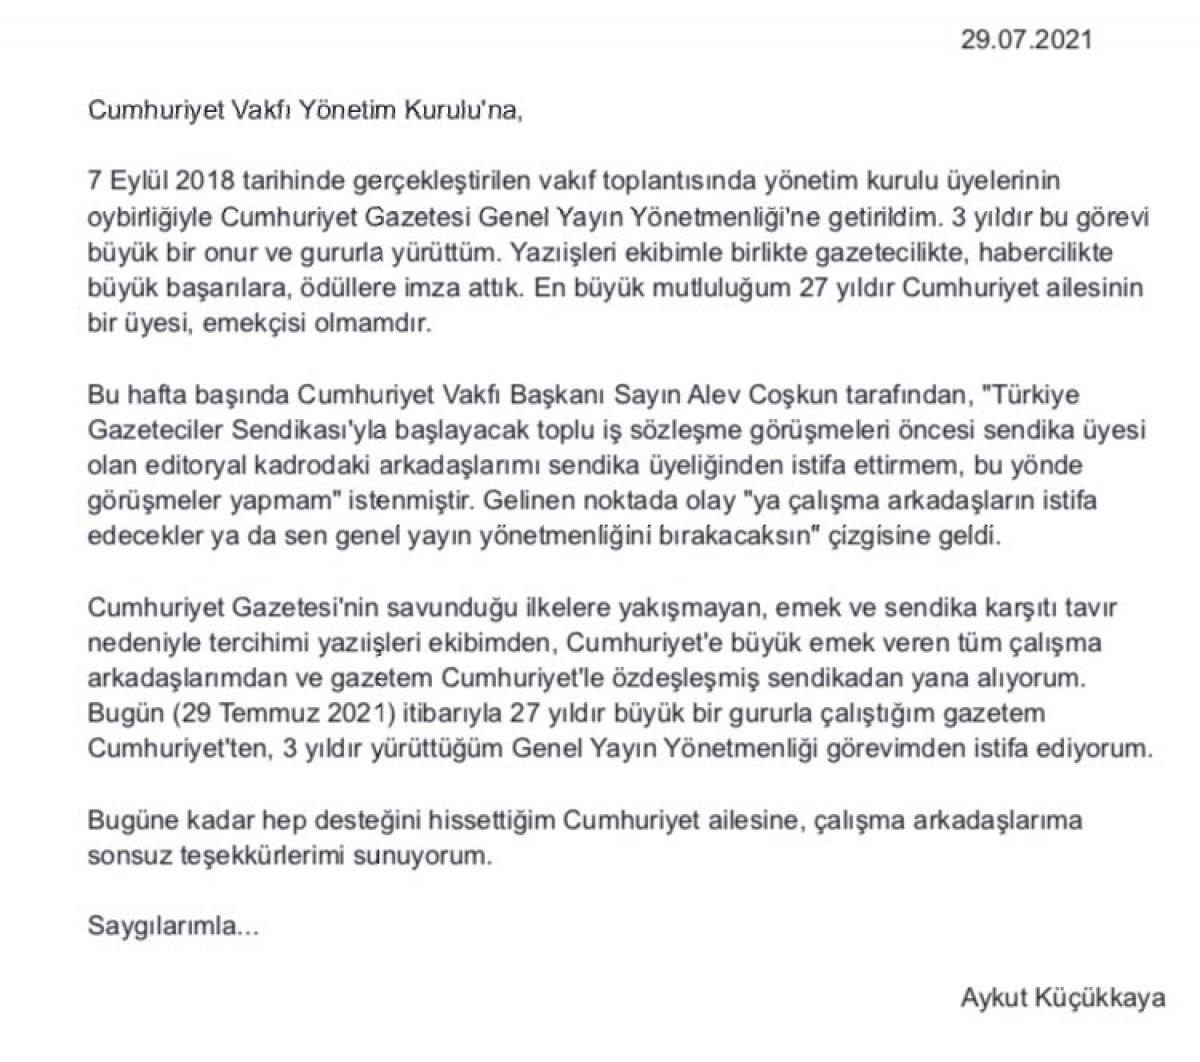 Cumhuriyet Genel Yayın Yönetmeni Aykut Küçükkaya dan istifa kararı #2